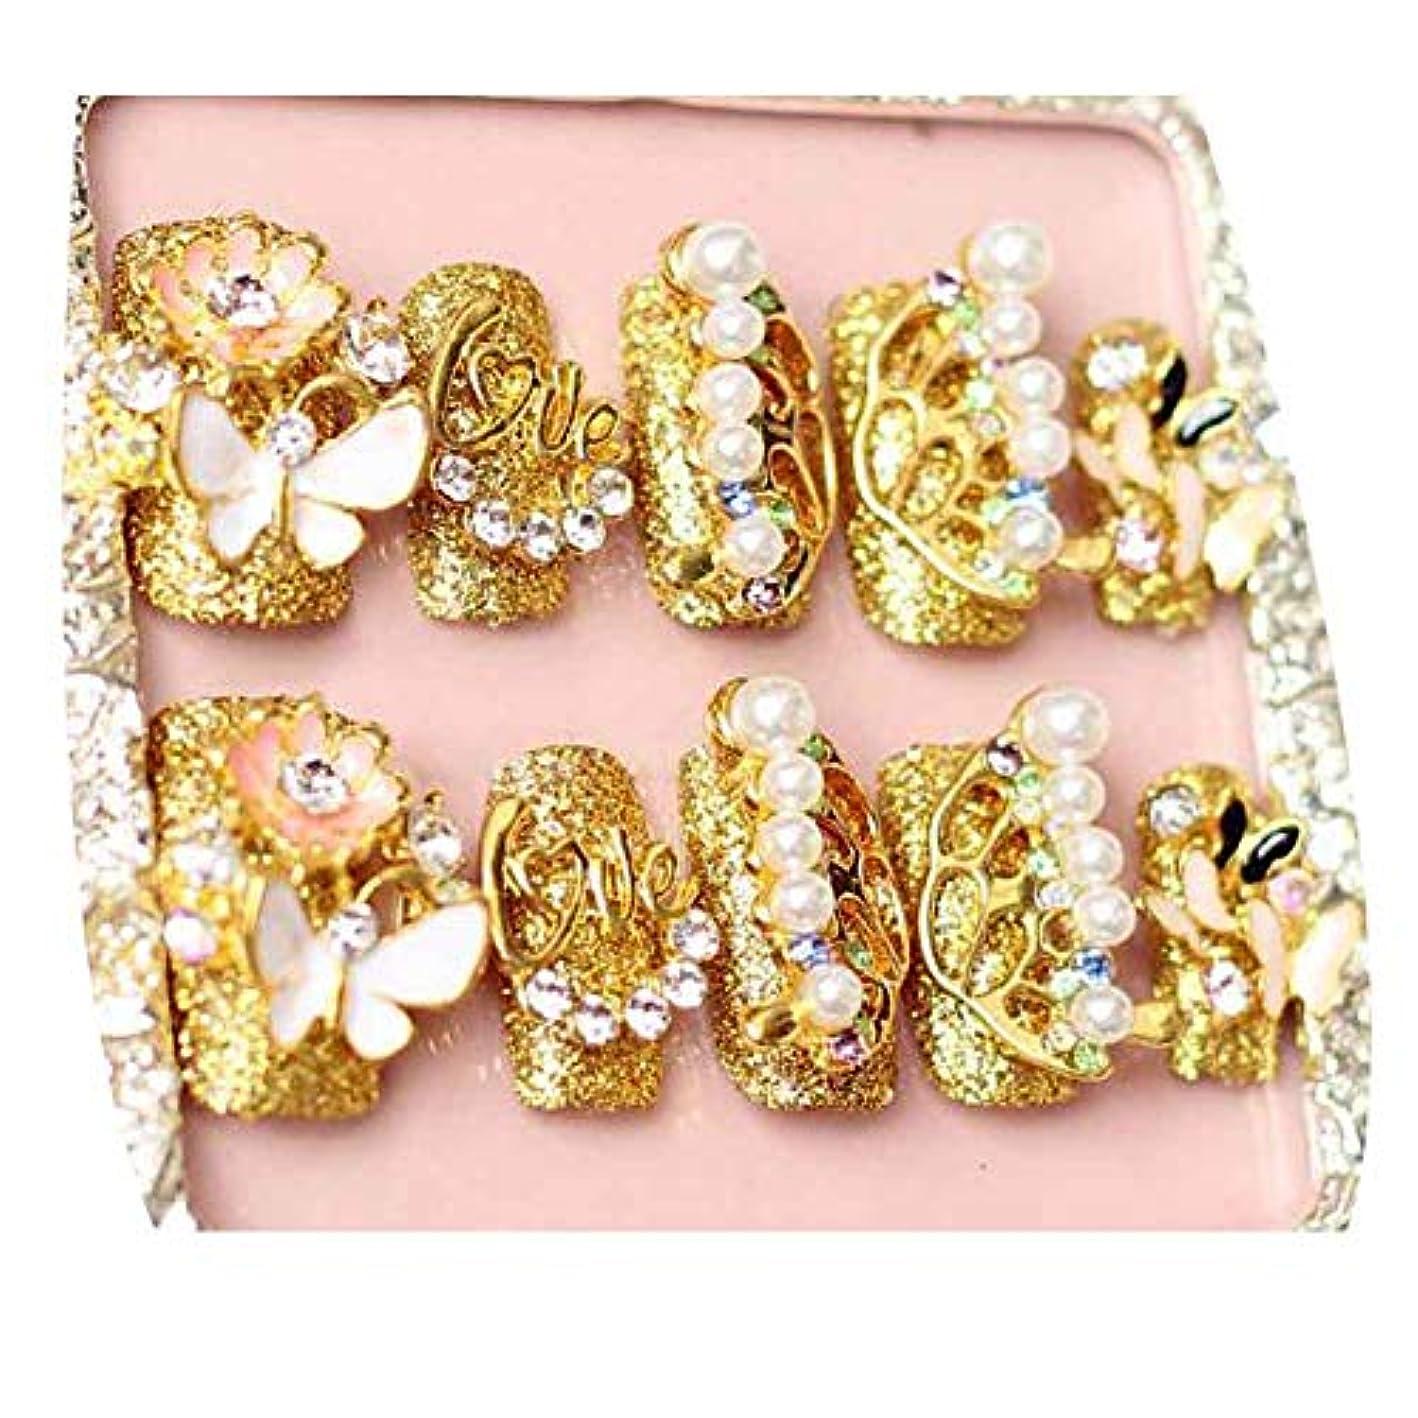 致死矢印簿記係蝶 - ゴールドカラー偽爪結婚式人工爪のヒントビーズネイルアート